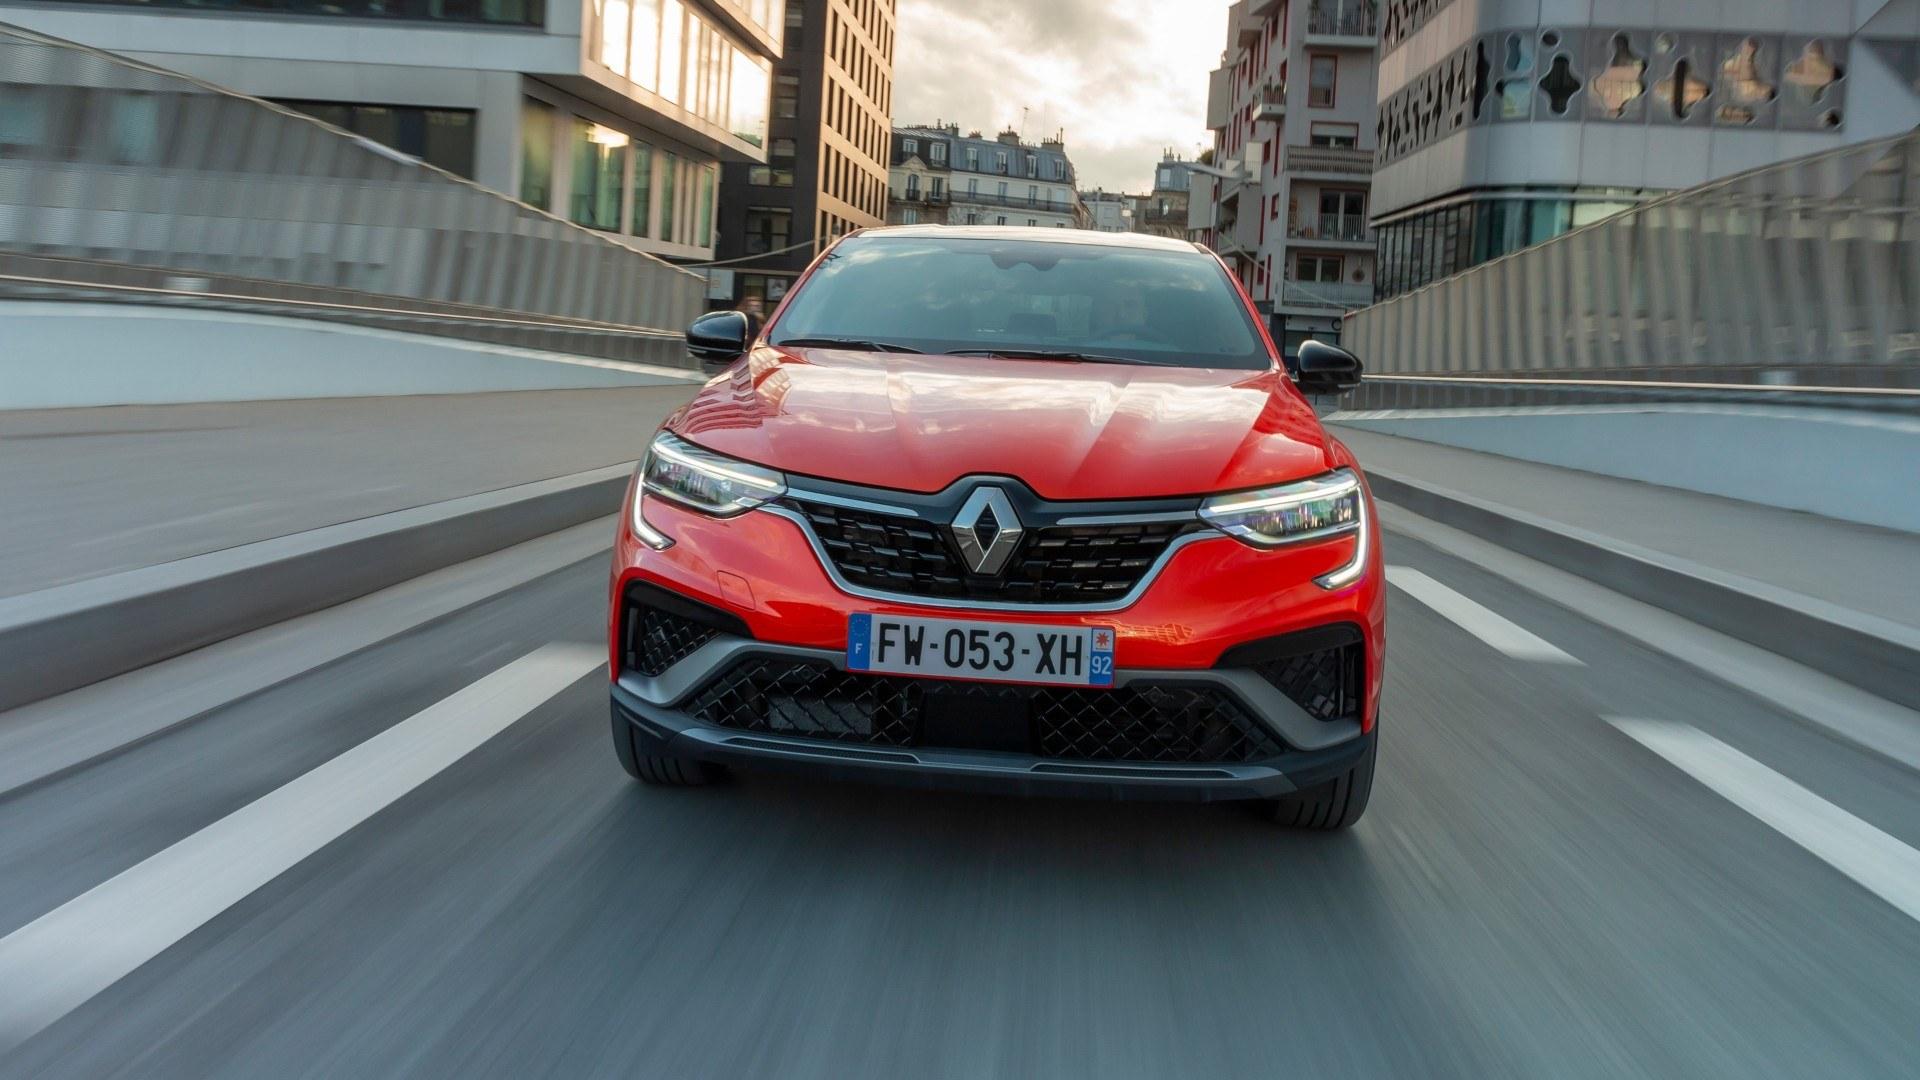 El Renault Arkana ya está disponible en España